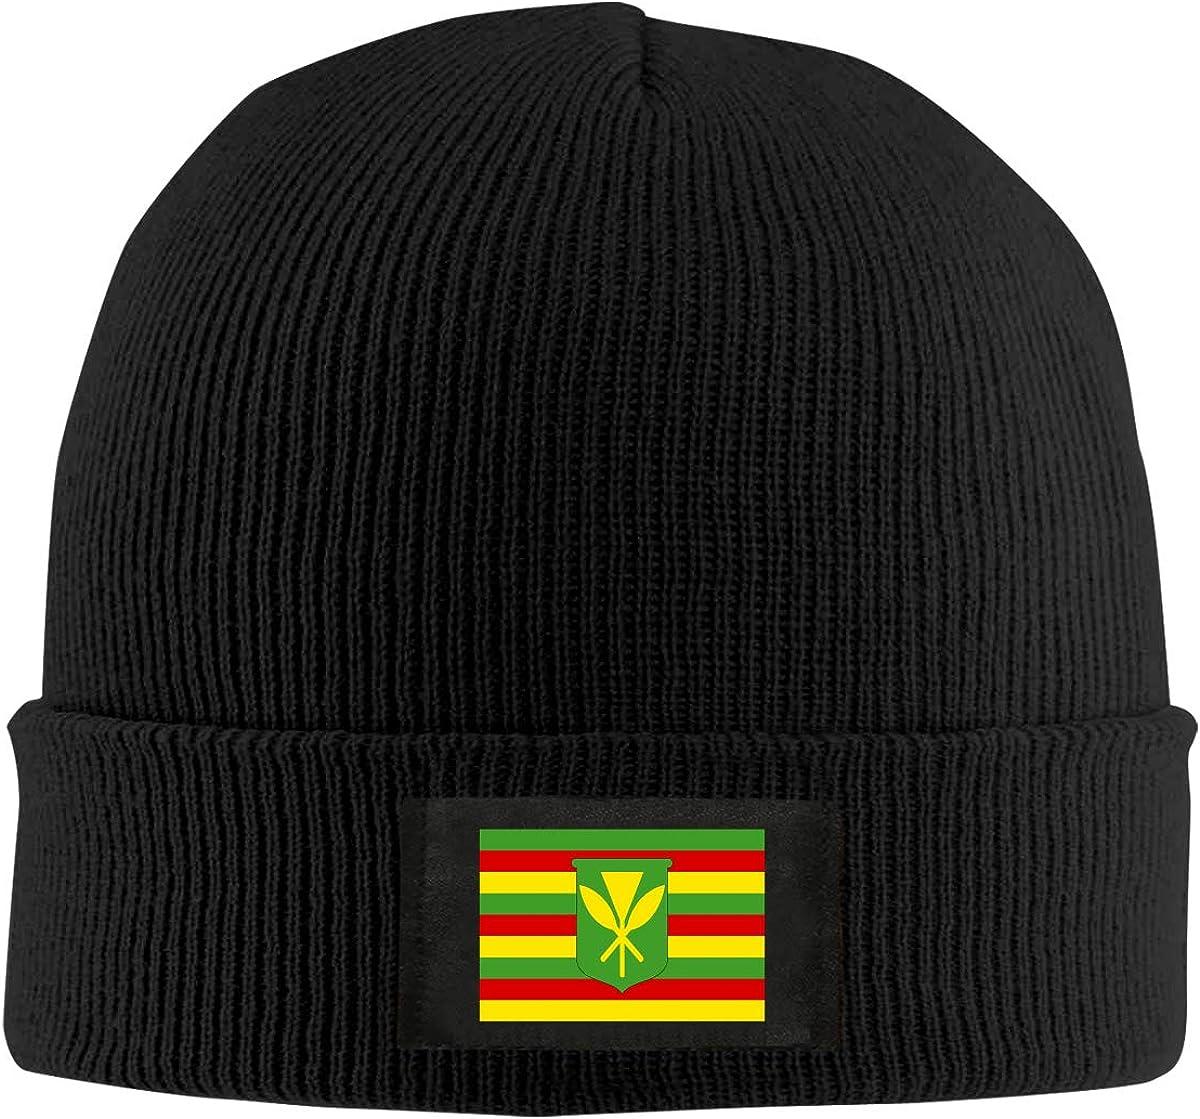 Kanaka Maoli Native Hawaiian Flag Unisex Rare Warm Hat Wool Max 86% OFF Kn Winter